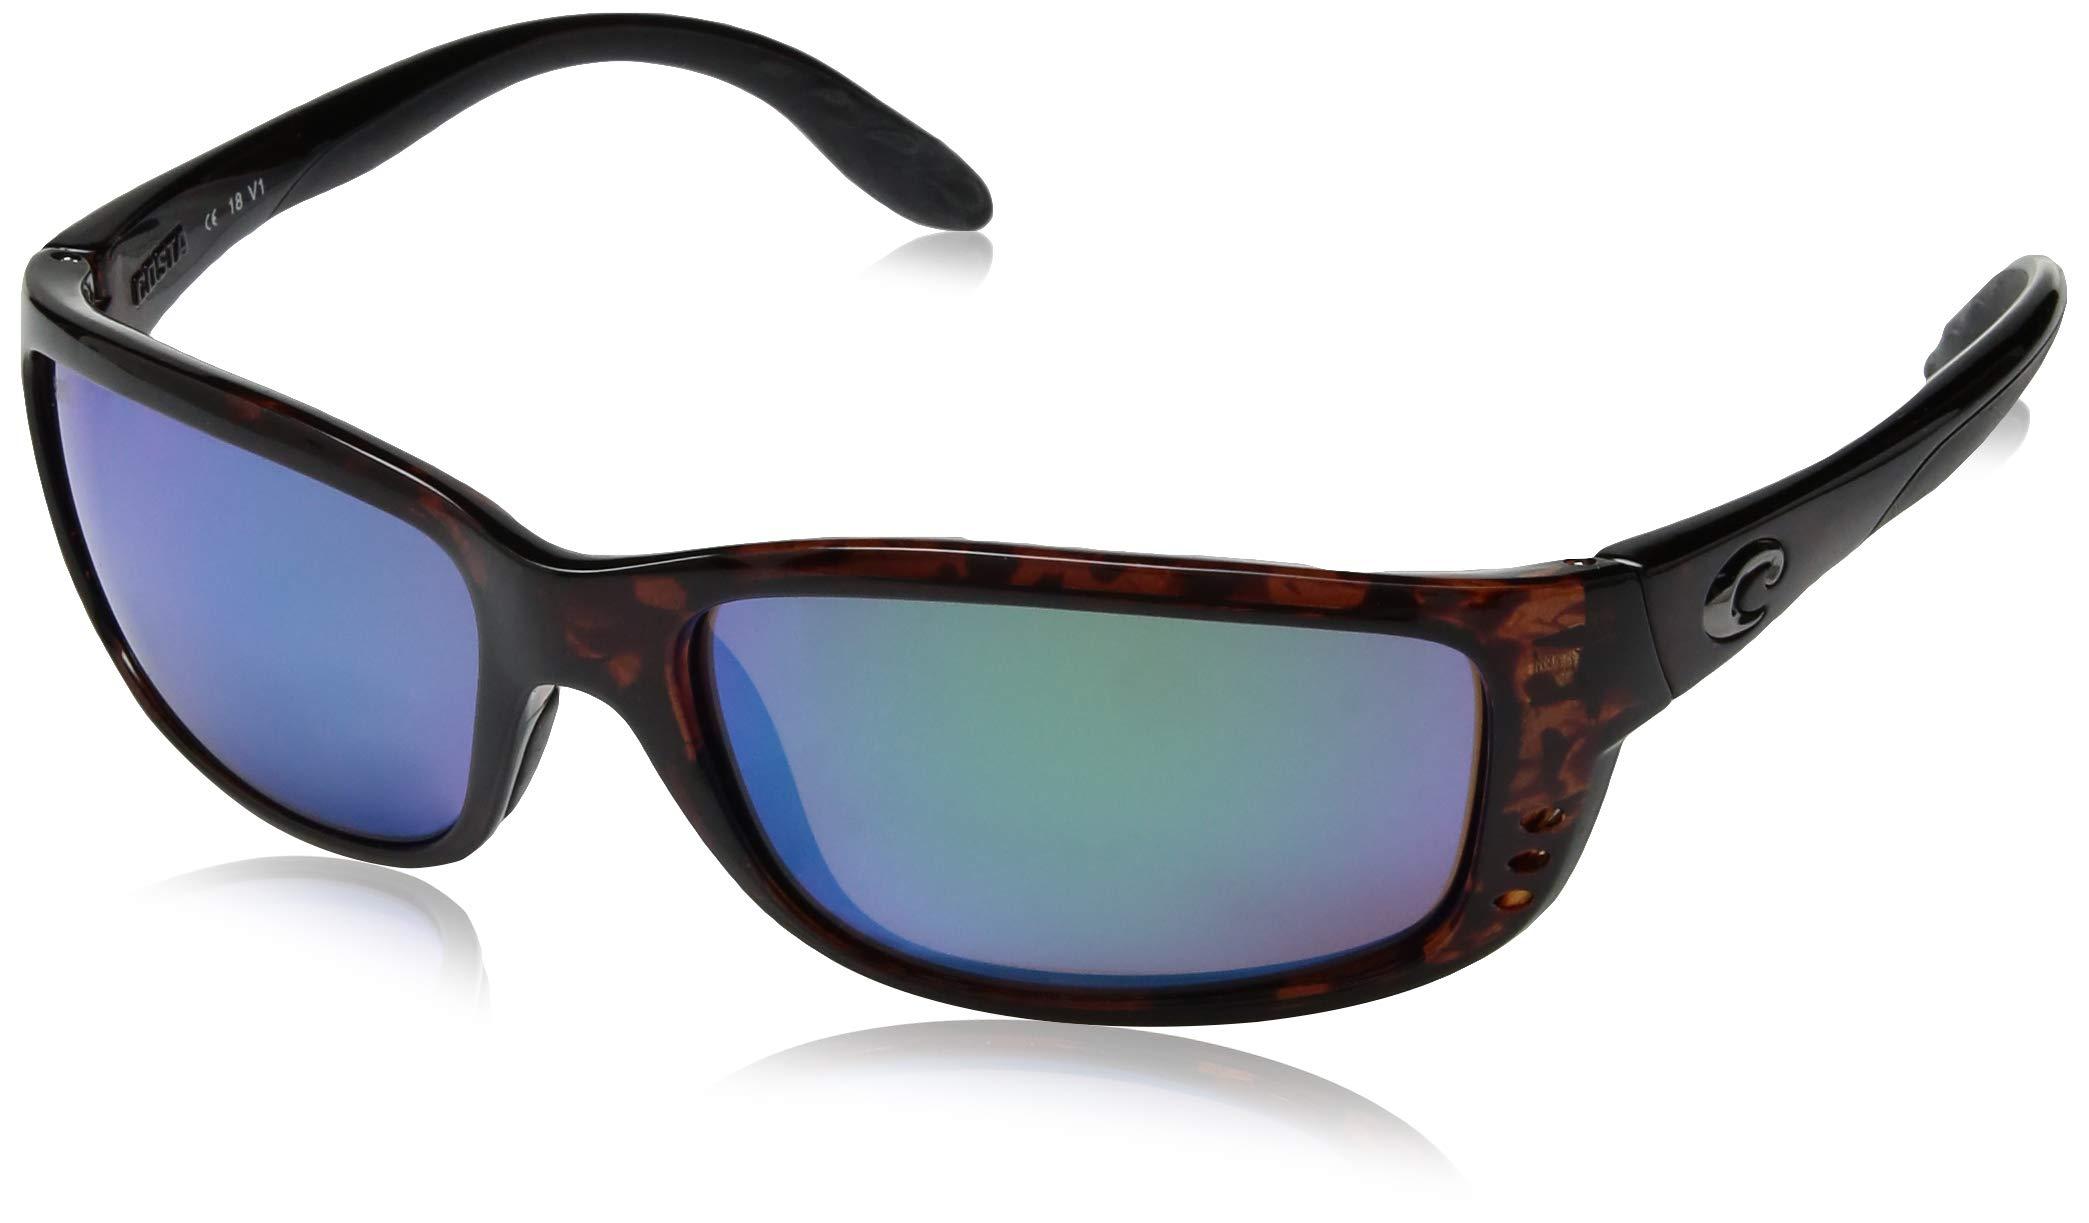 Costa Del Mar Zane Sunglasses, Tortoise, Green Mirror 580G Lens by Costa Del Mar